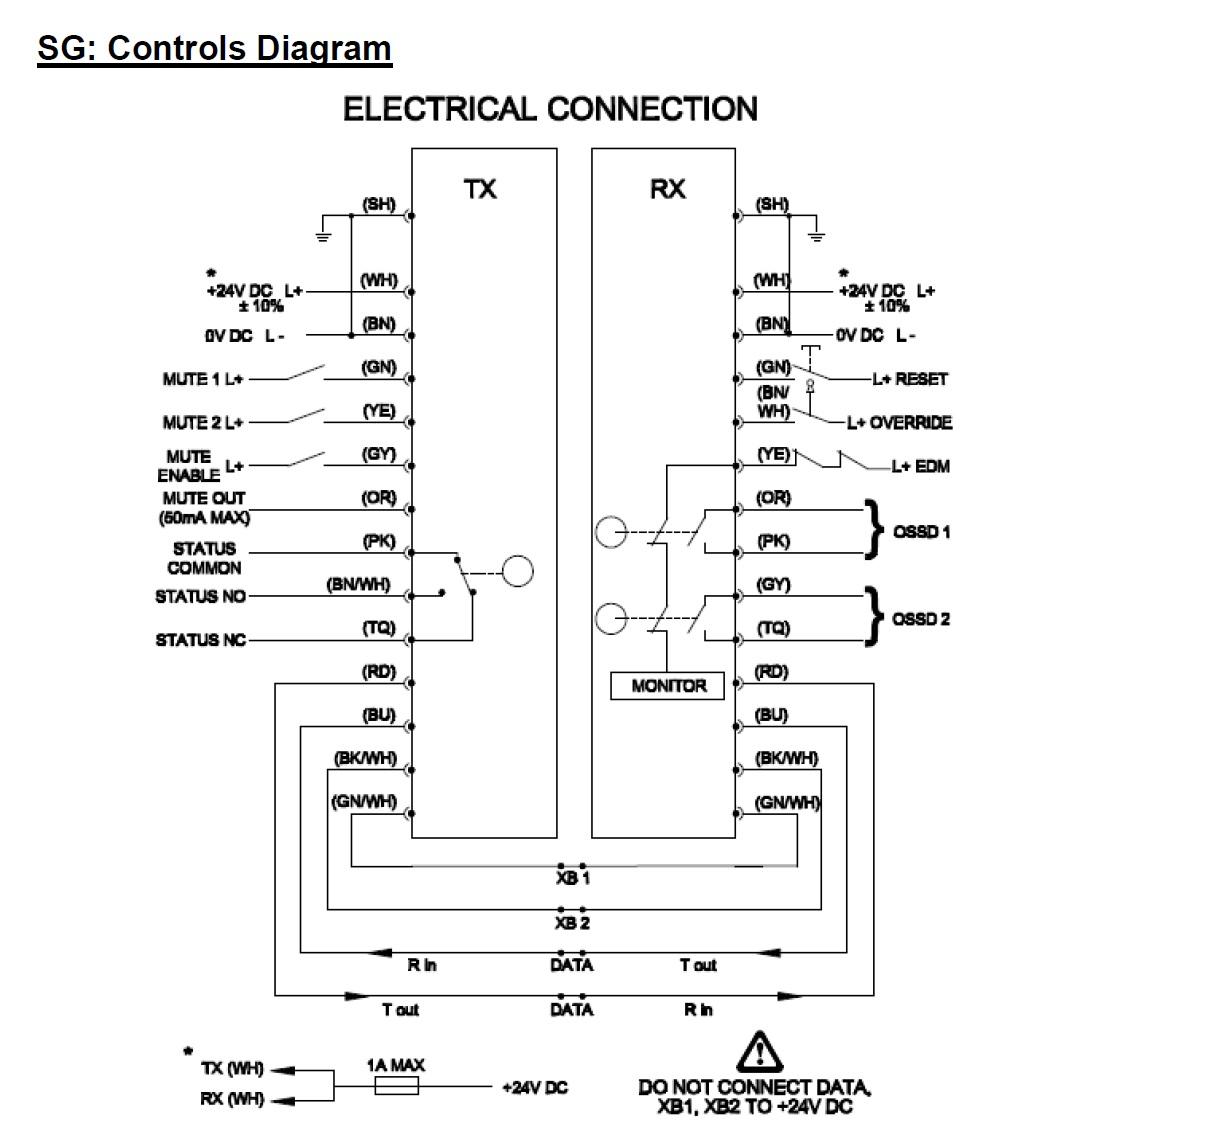 sg_controls?resize=800%2C746 light curtain wiring diagram starter wiring diagram, relay wiring safety mat wiring diagram at virtualis.co